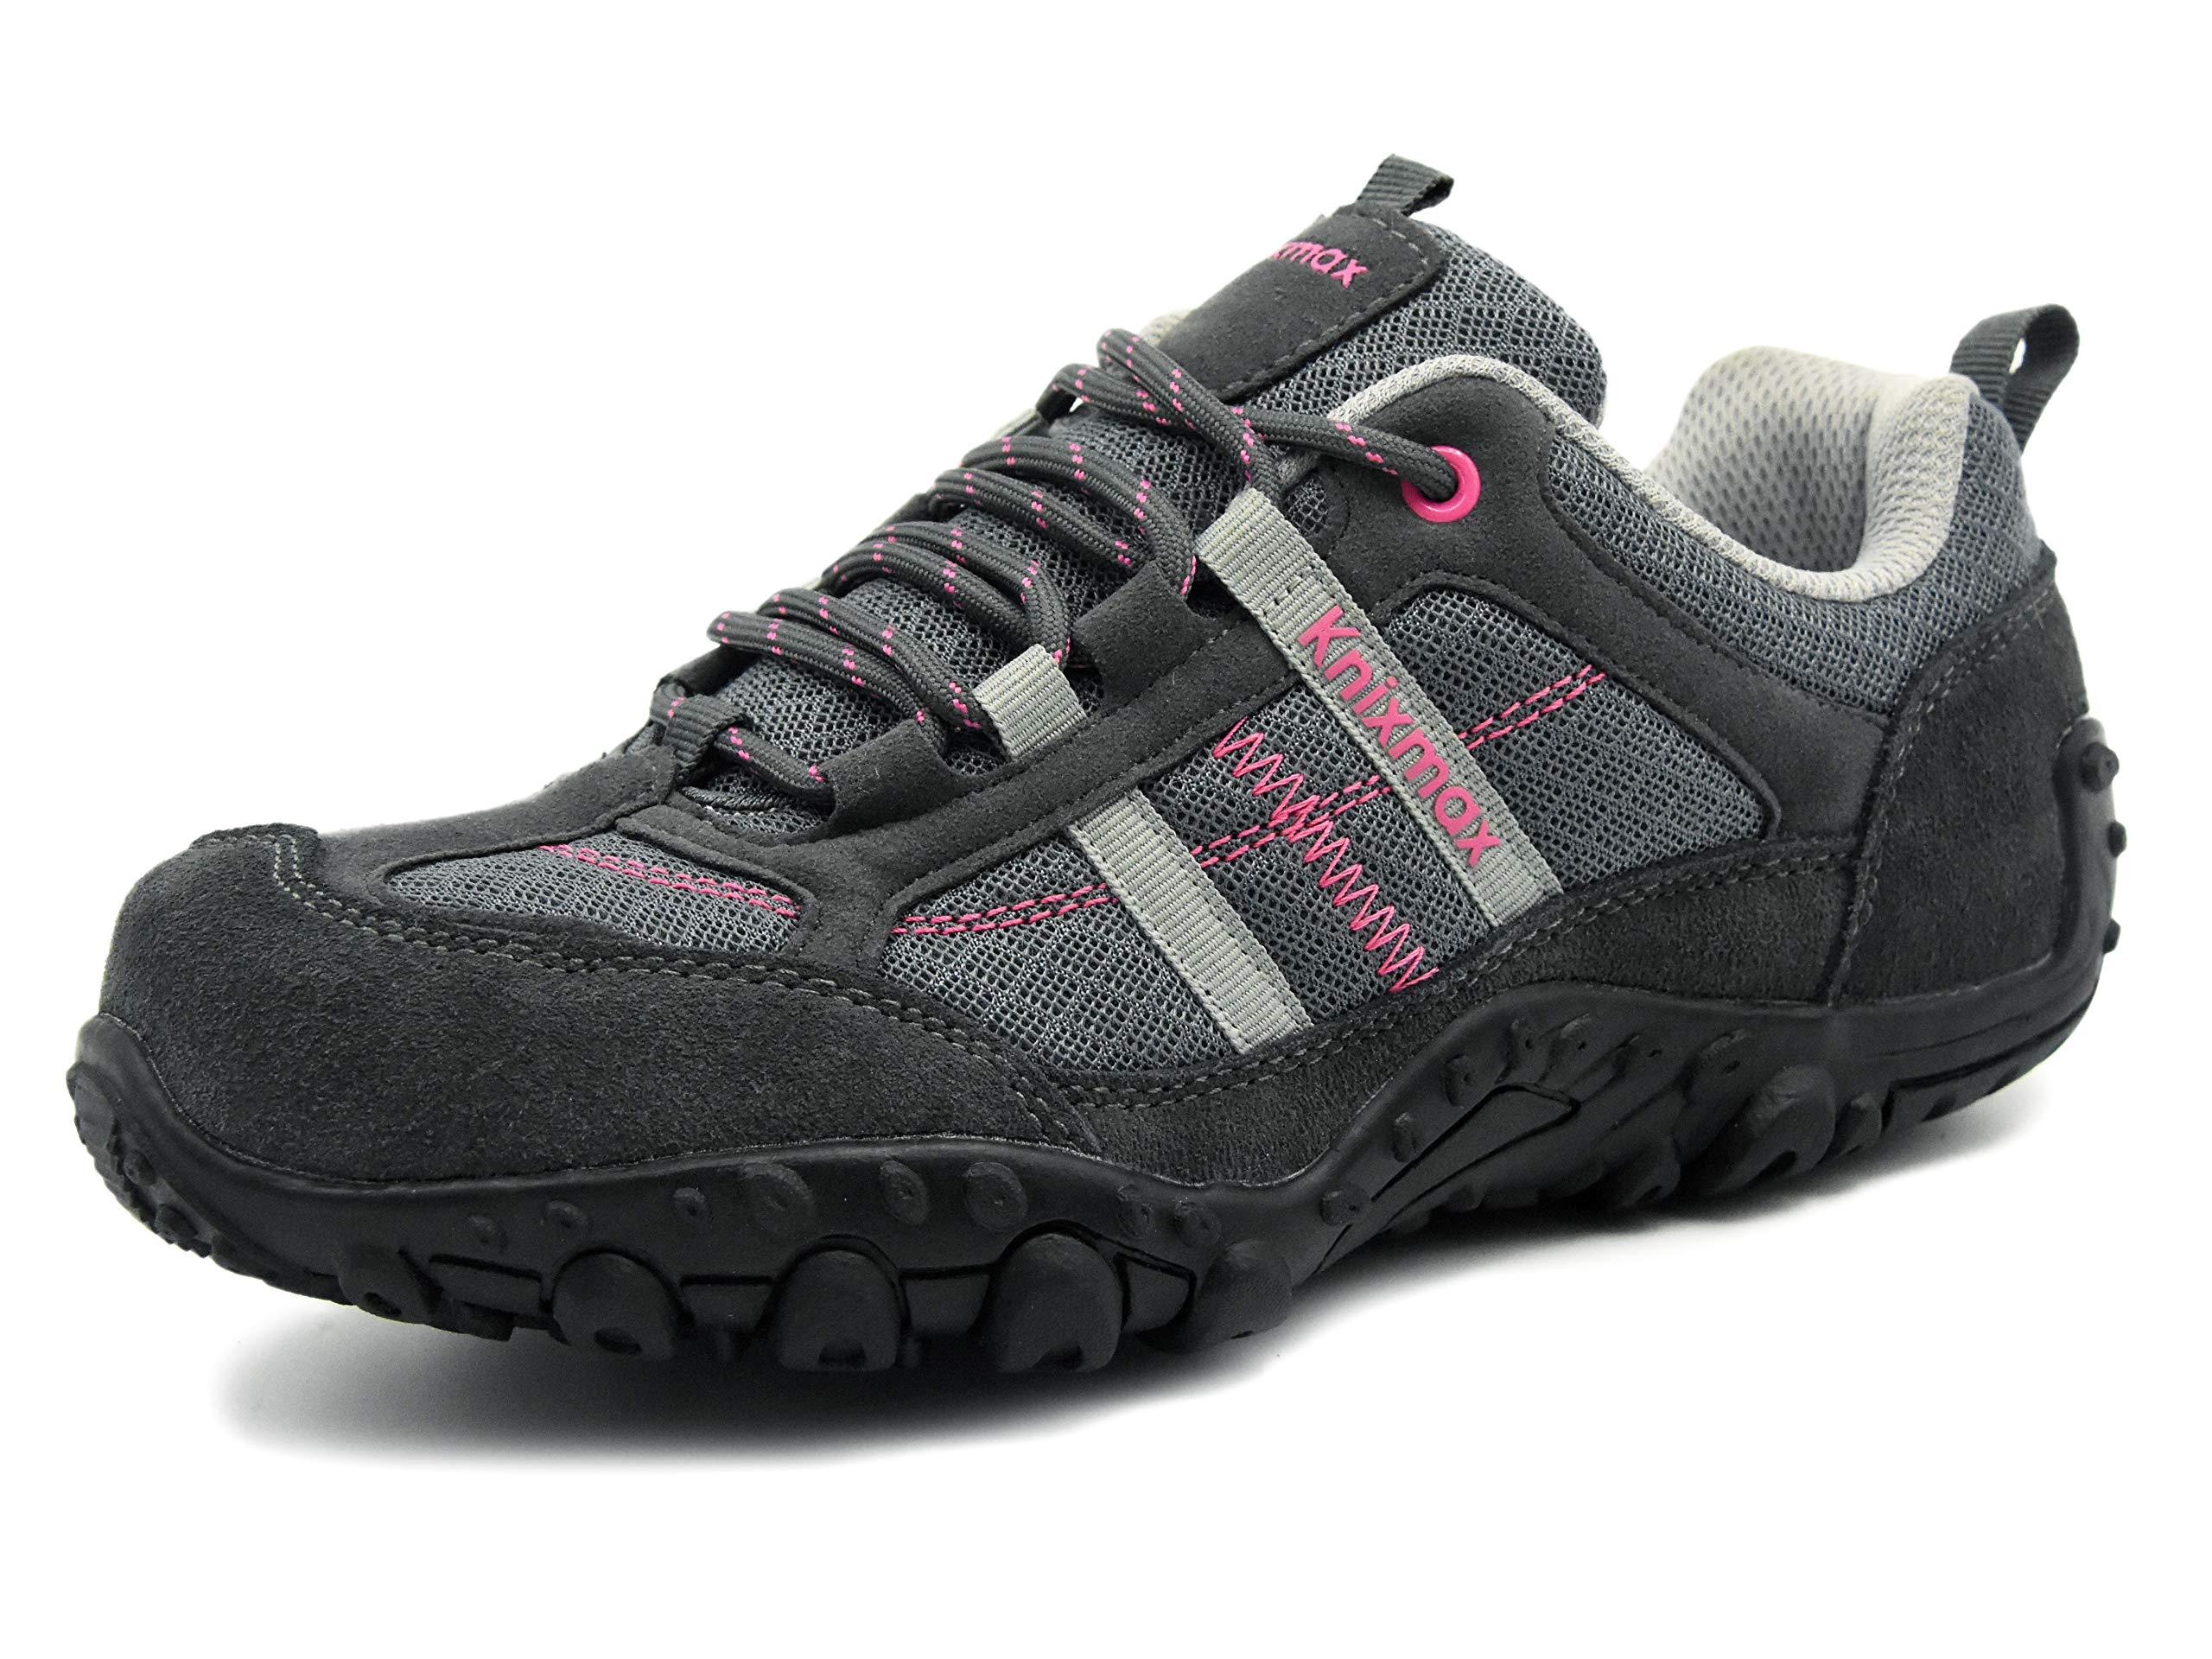 premium selection eaef5 9f710 Knixmax Femme Randonnée Chaussures de Sport en Plein Air Respirant  Antidérapant Espadrilles product image